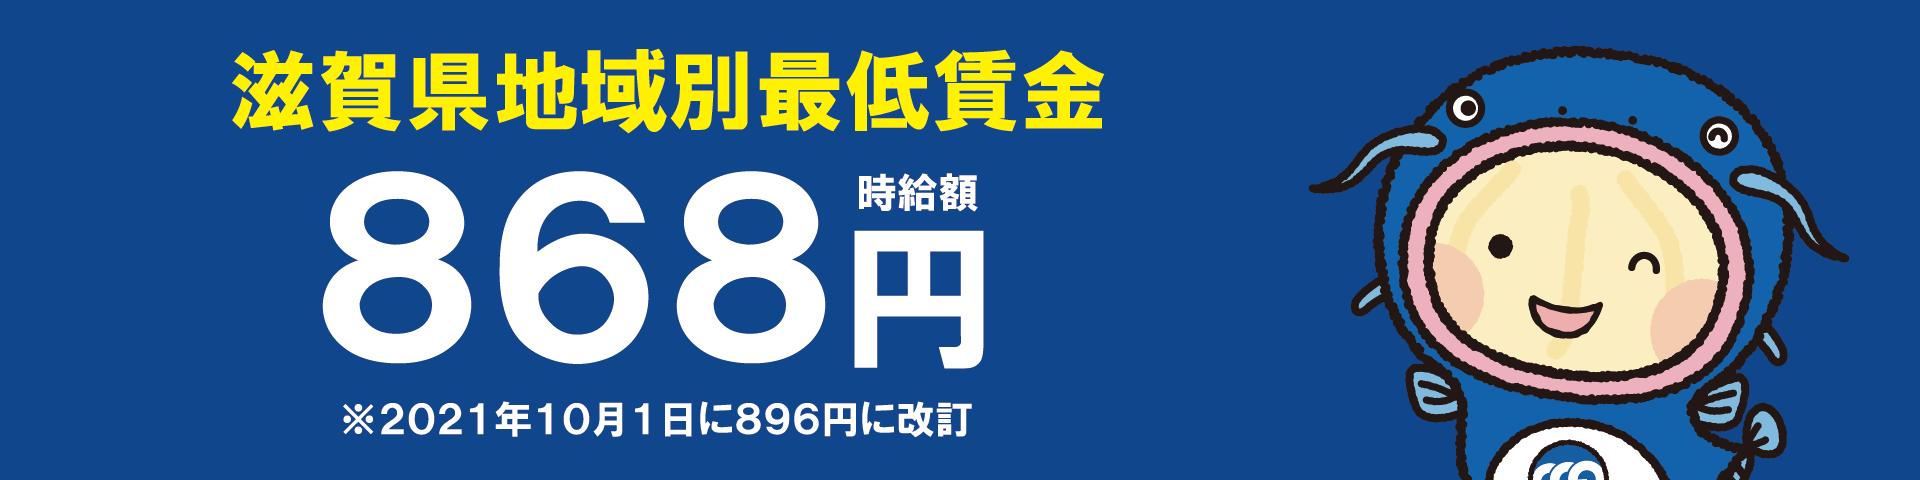 滋賀県最低賃金,時給額868円,2021年10月1日から時給額896円,最賃,地域別,連合滋賀,労働組合